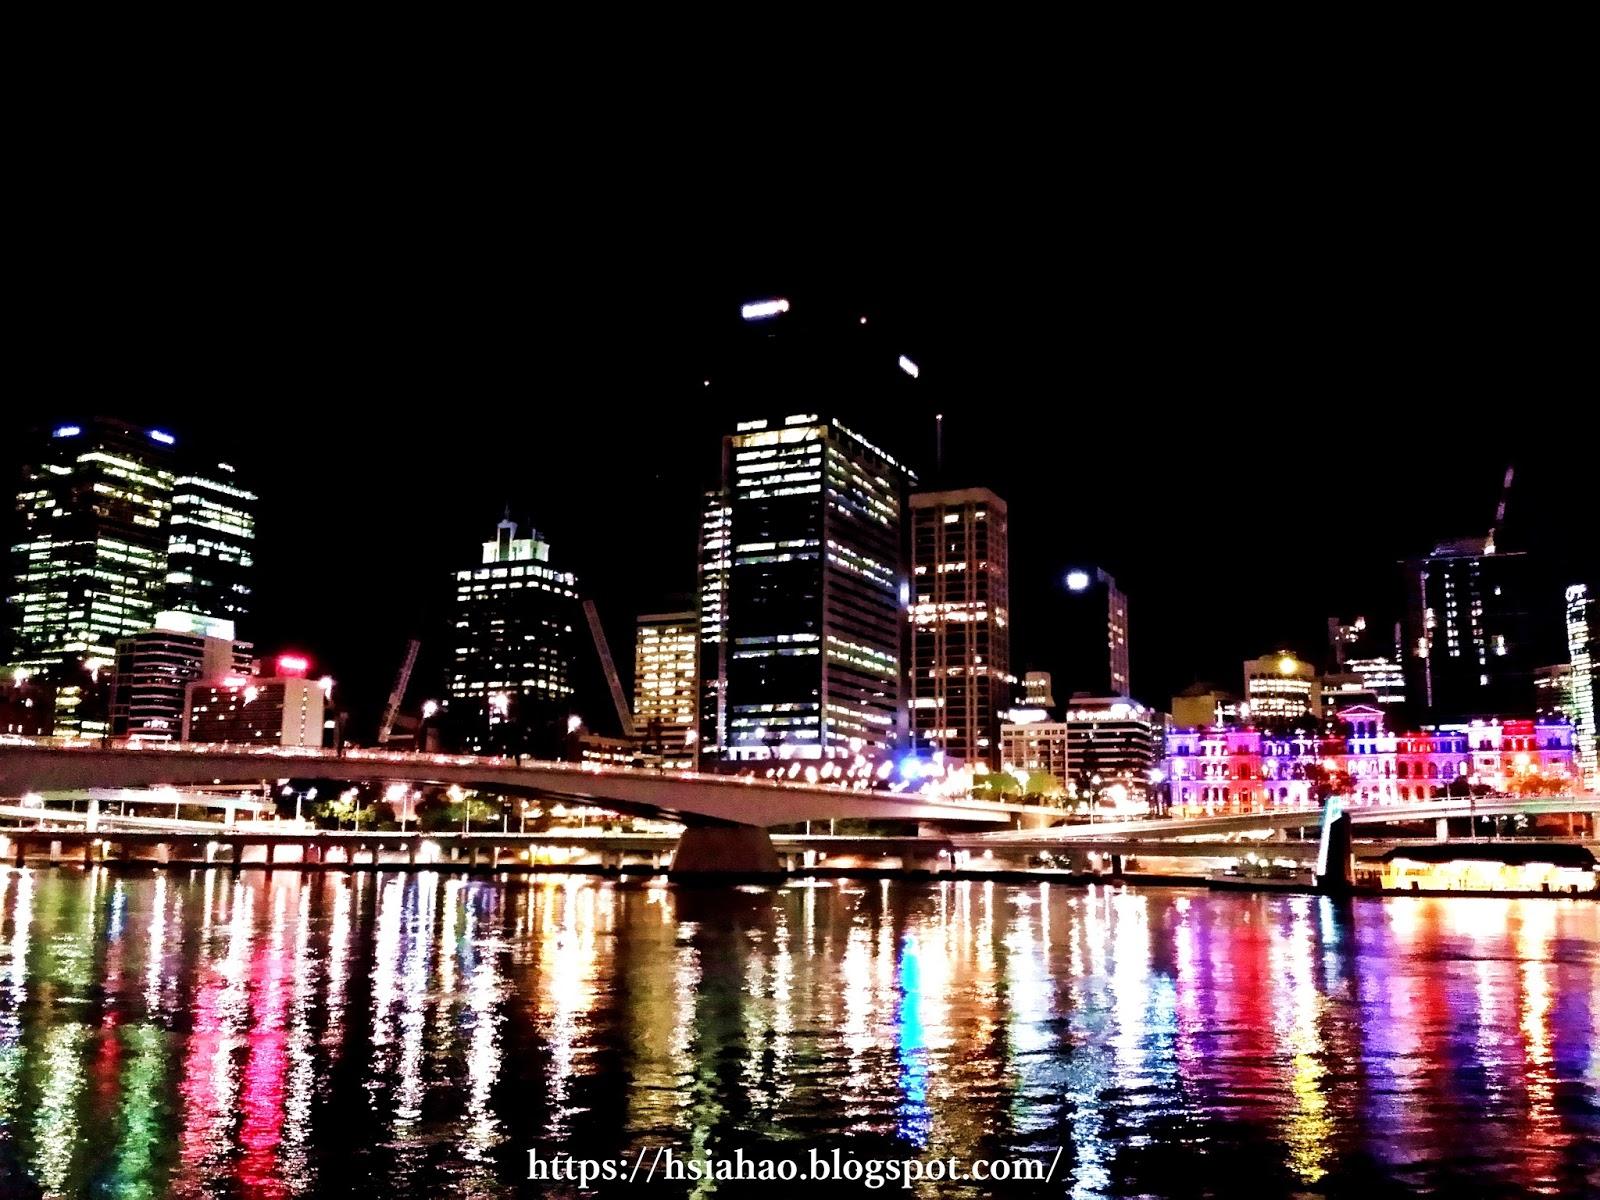 澳洲-布里斯本-夜景-留學-申請-學校-Australia-University-Application